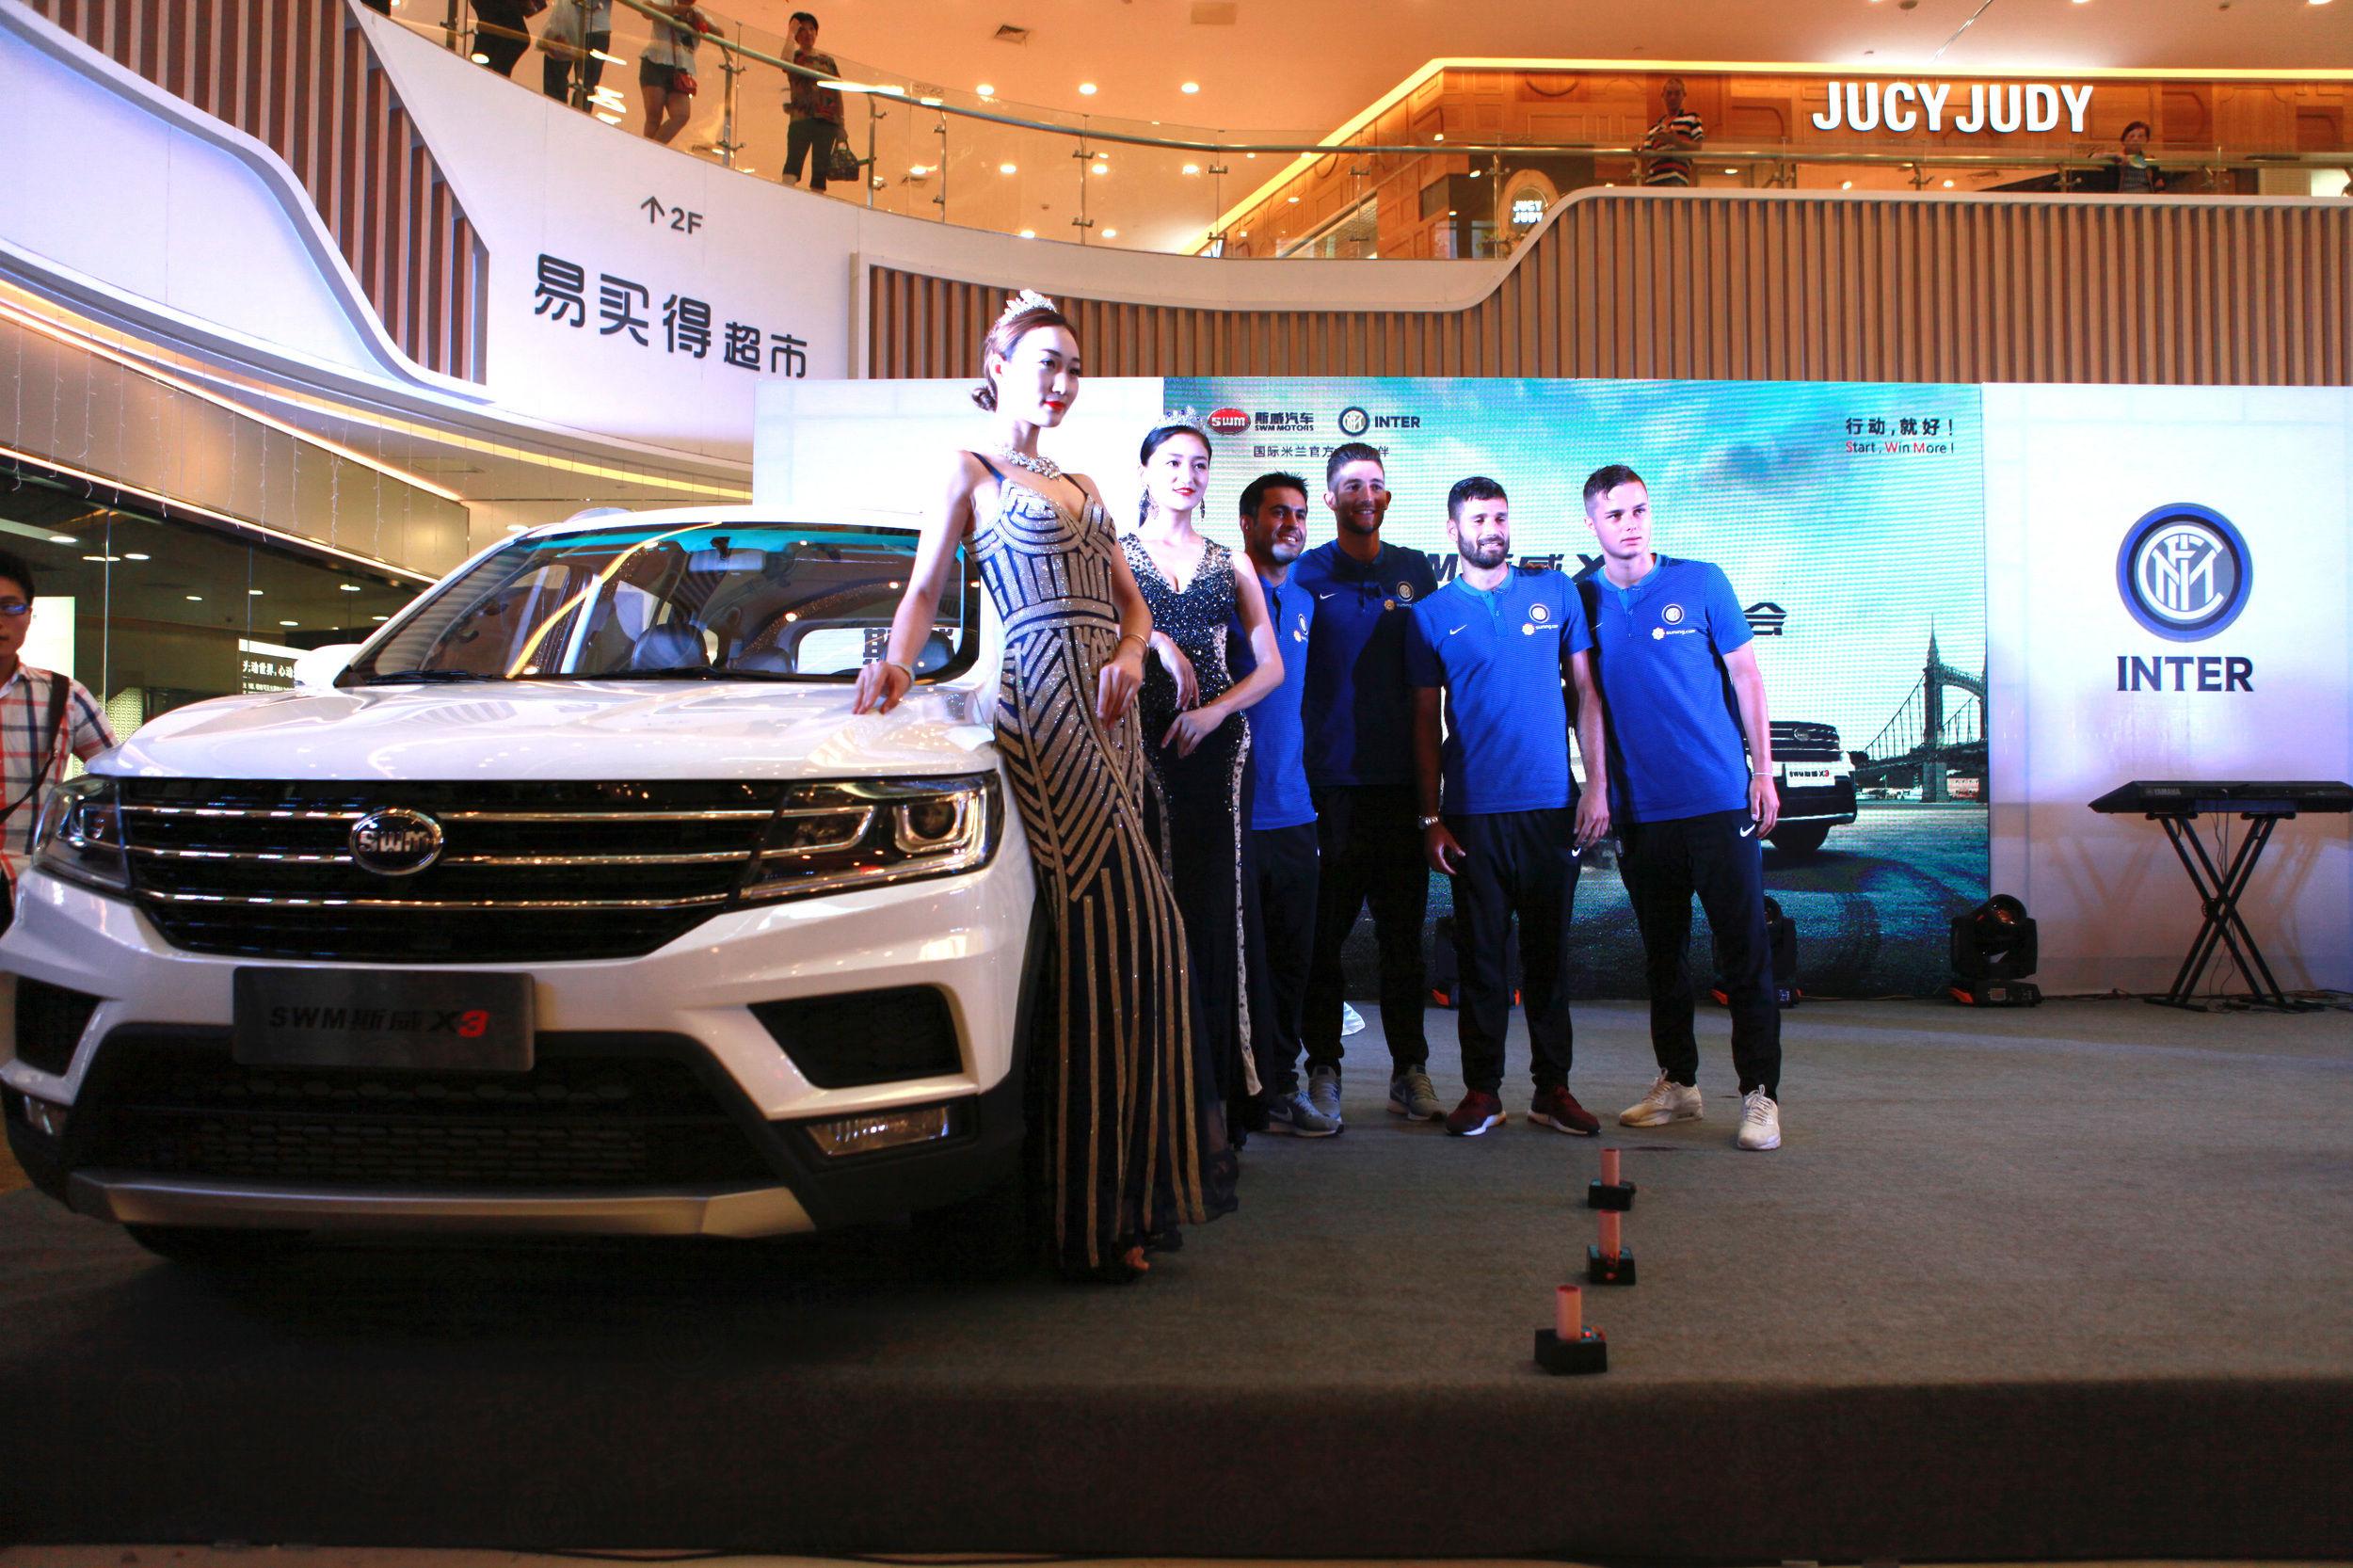 斯威汽车鼎力赞助国际米兰夏季巡回赛